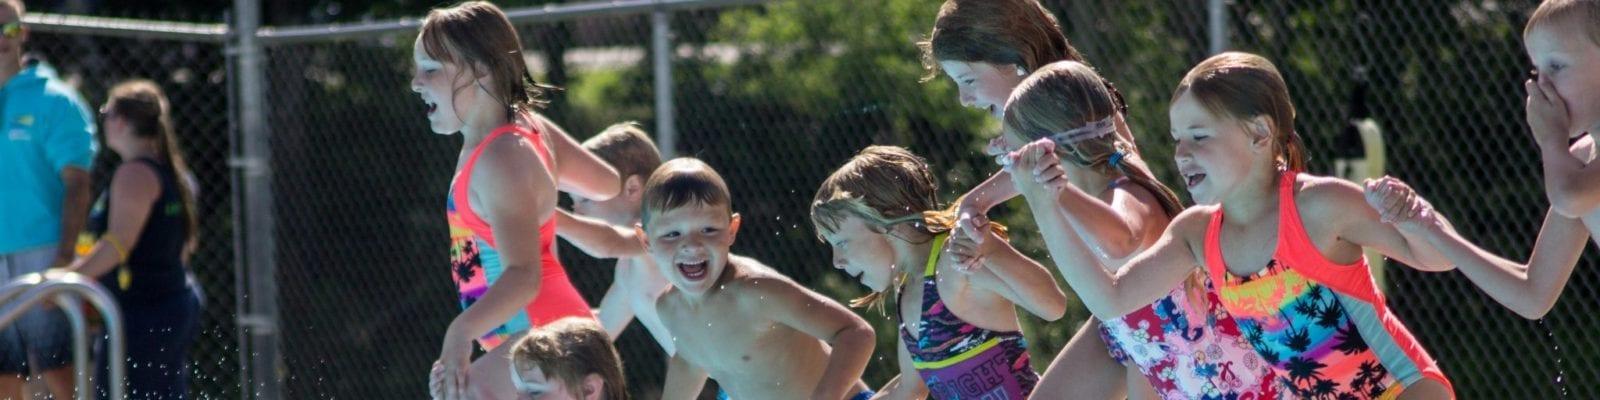 kids jumping pool